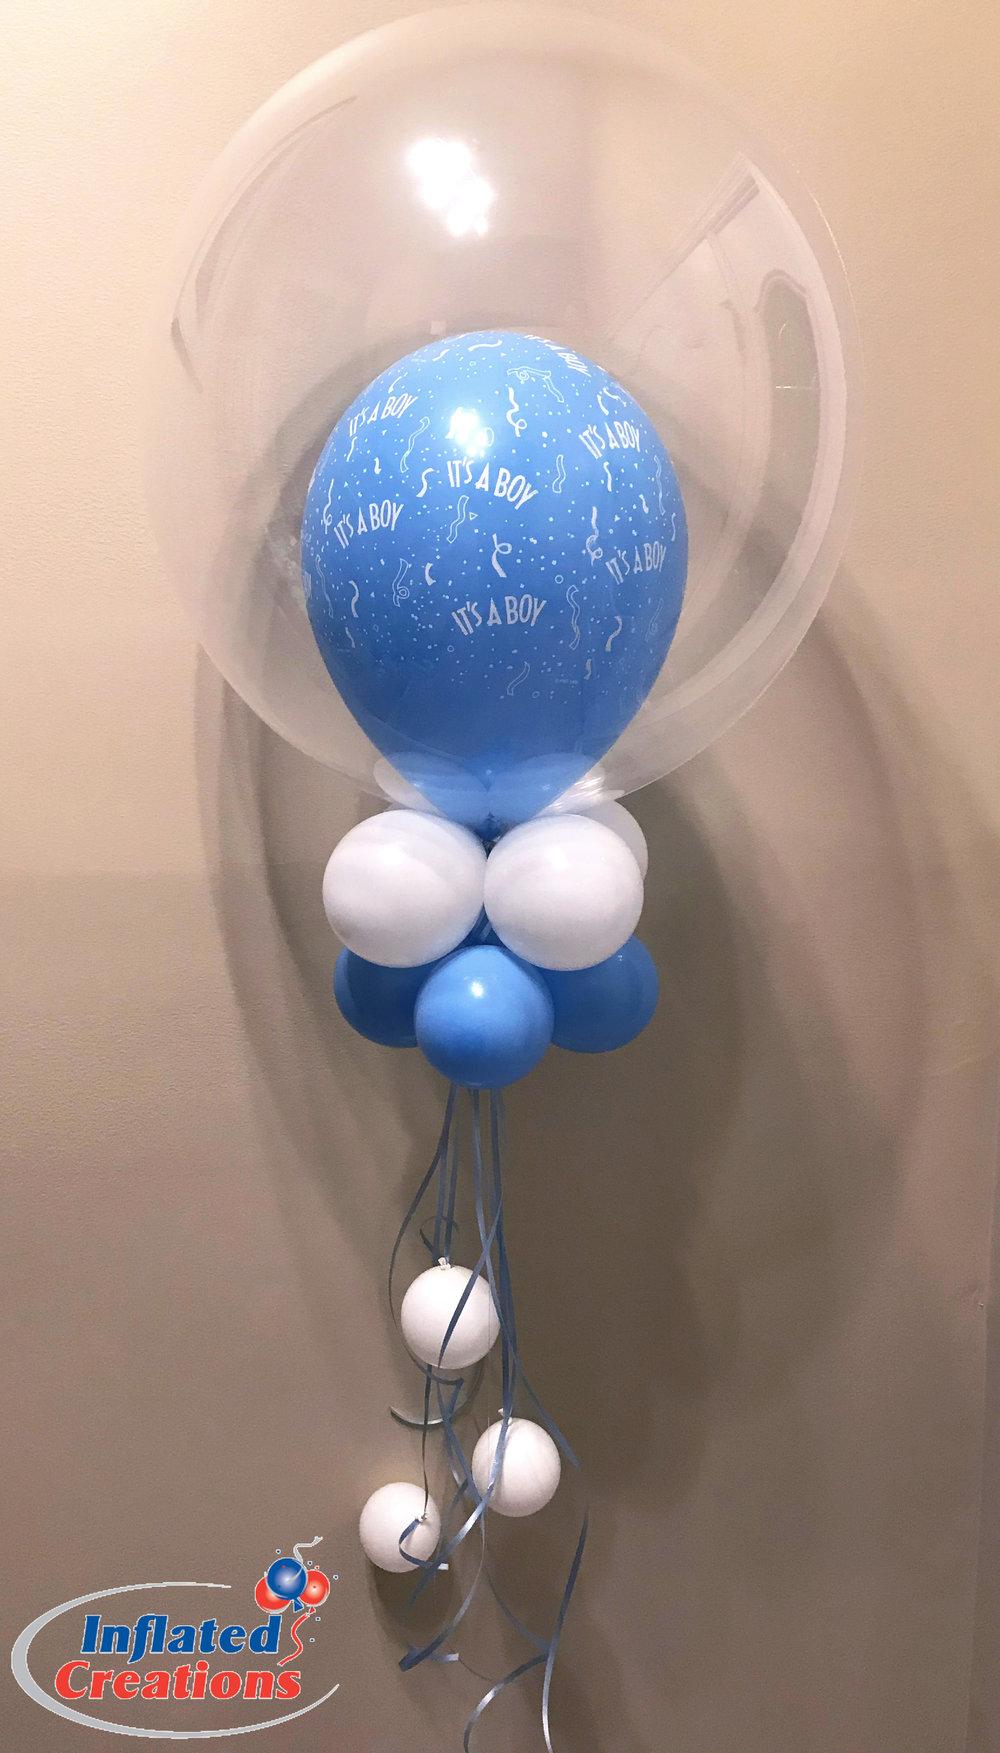 It's a Boy! Balloons